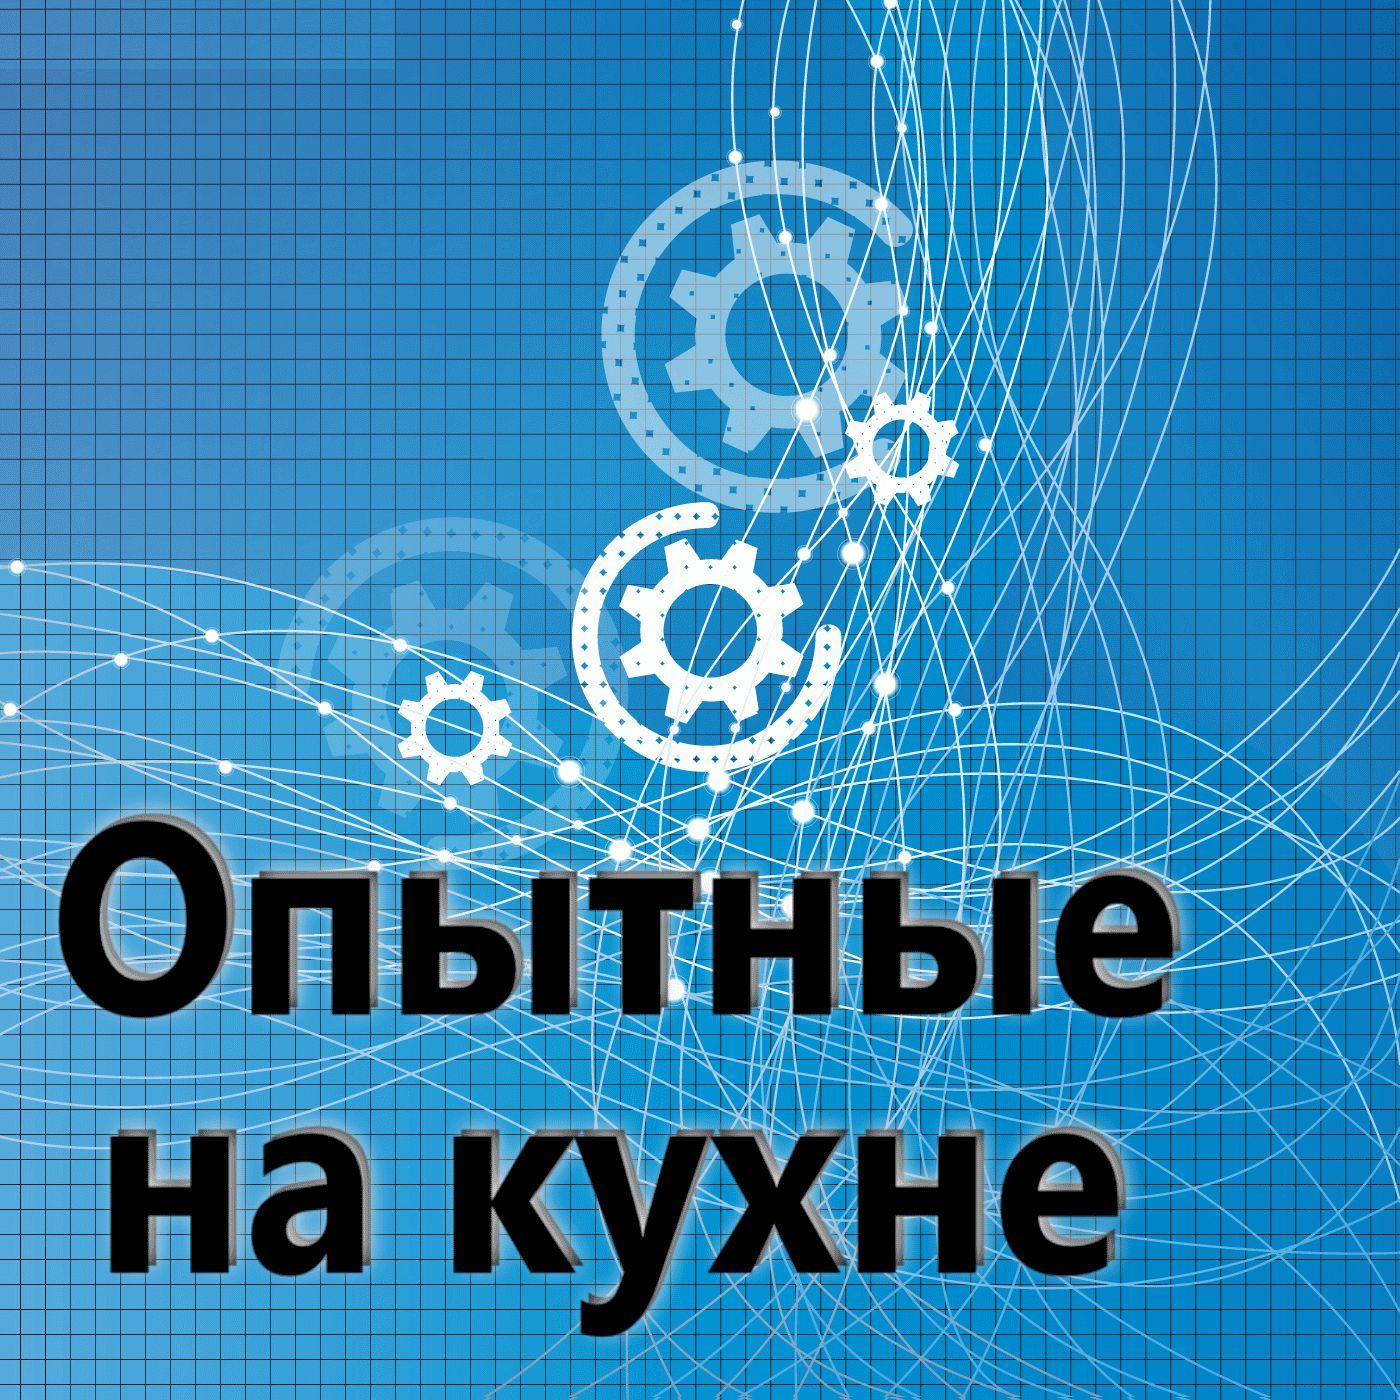 Евгений Плешивцев Опытные на кухне №005 евгений плешивцев опытные на кухне 002